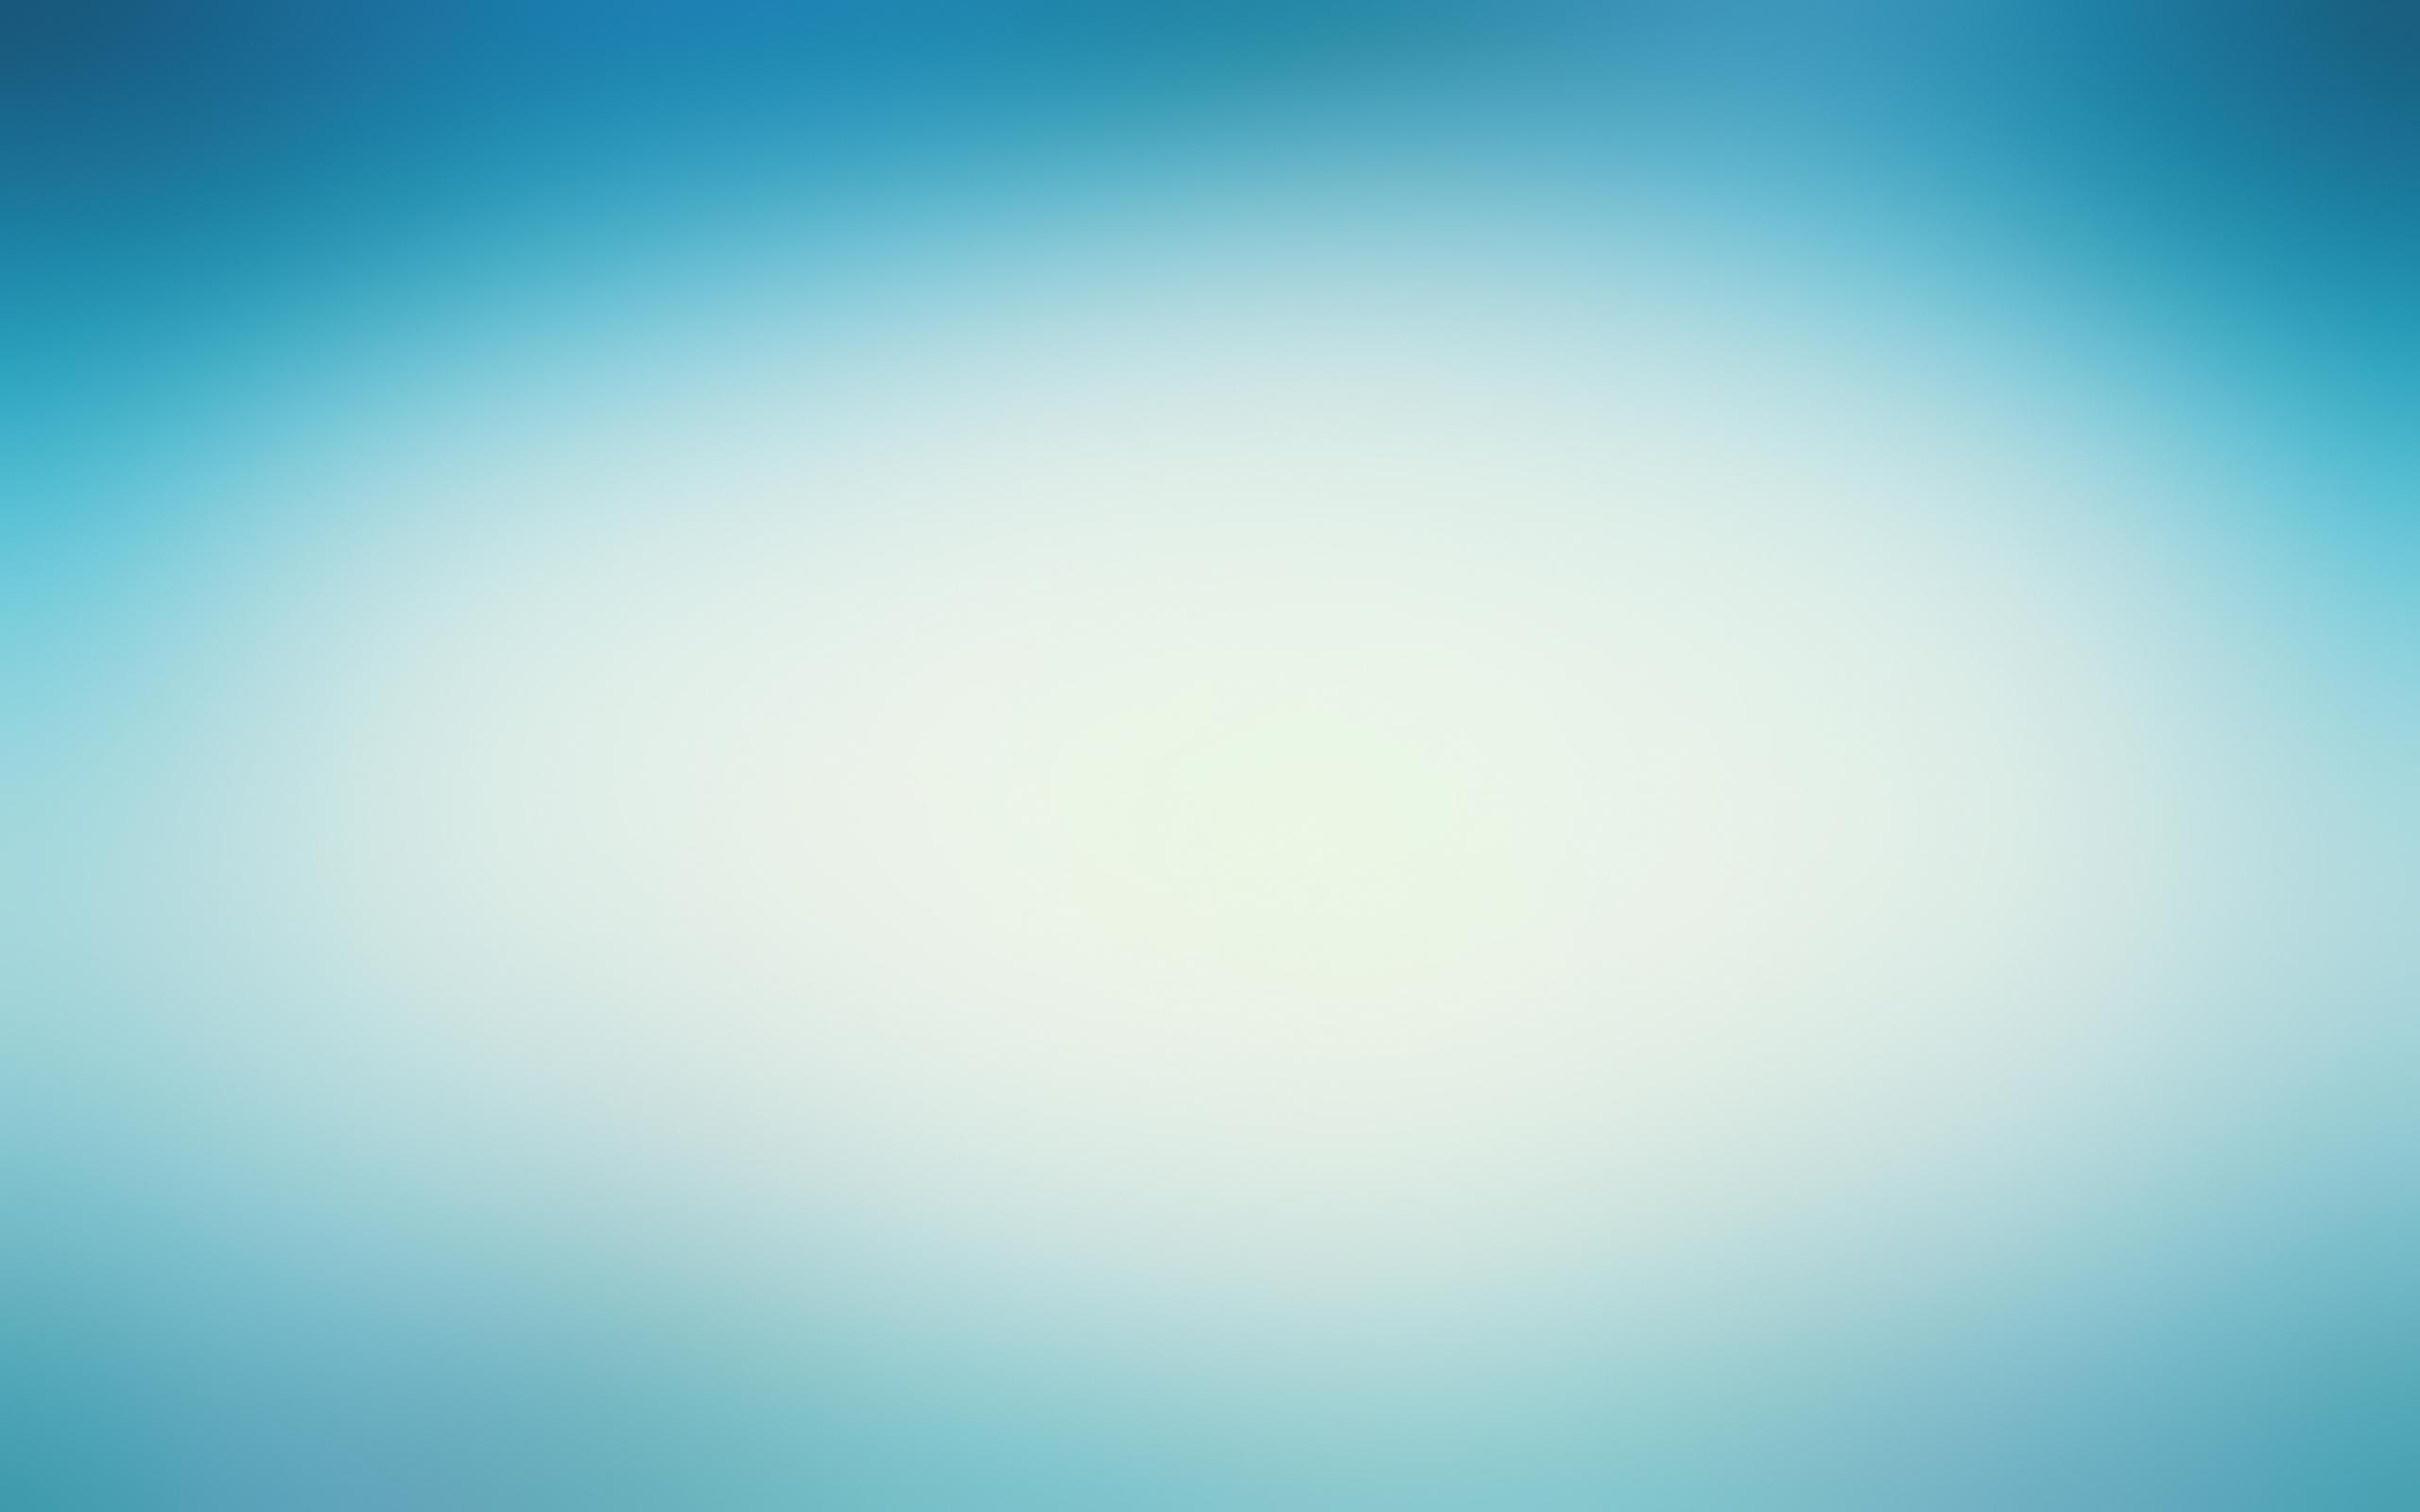 2560x1600px Sky Blue Backgrounds